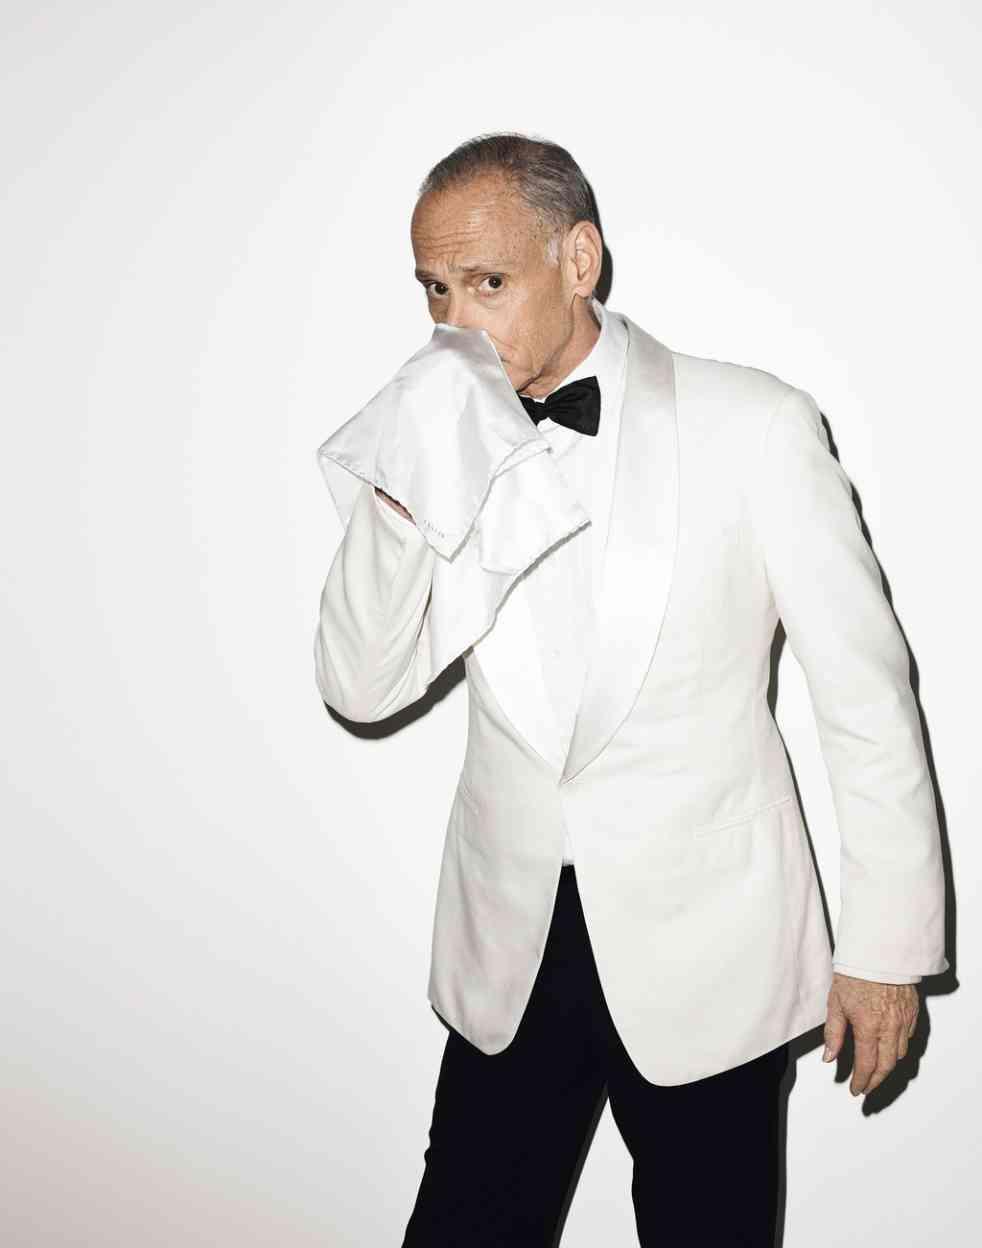 b4eeb8f0f5fc7 Veste en soie avec col châle en satin, pantalon en soie et chemise en coton